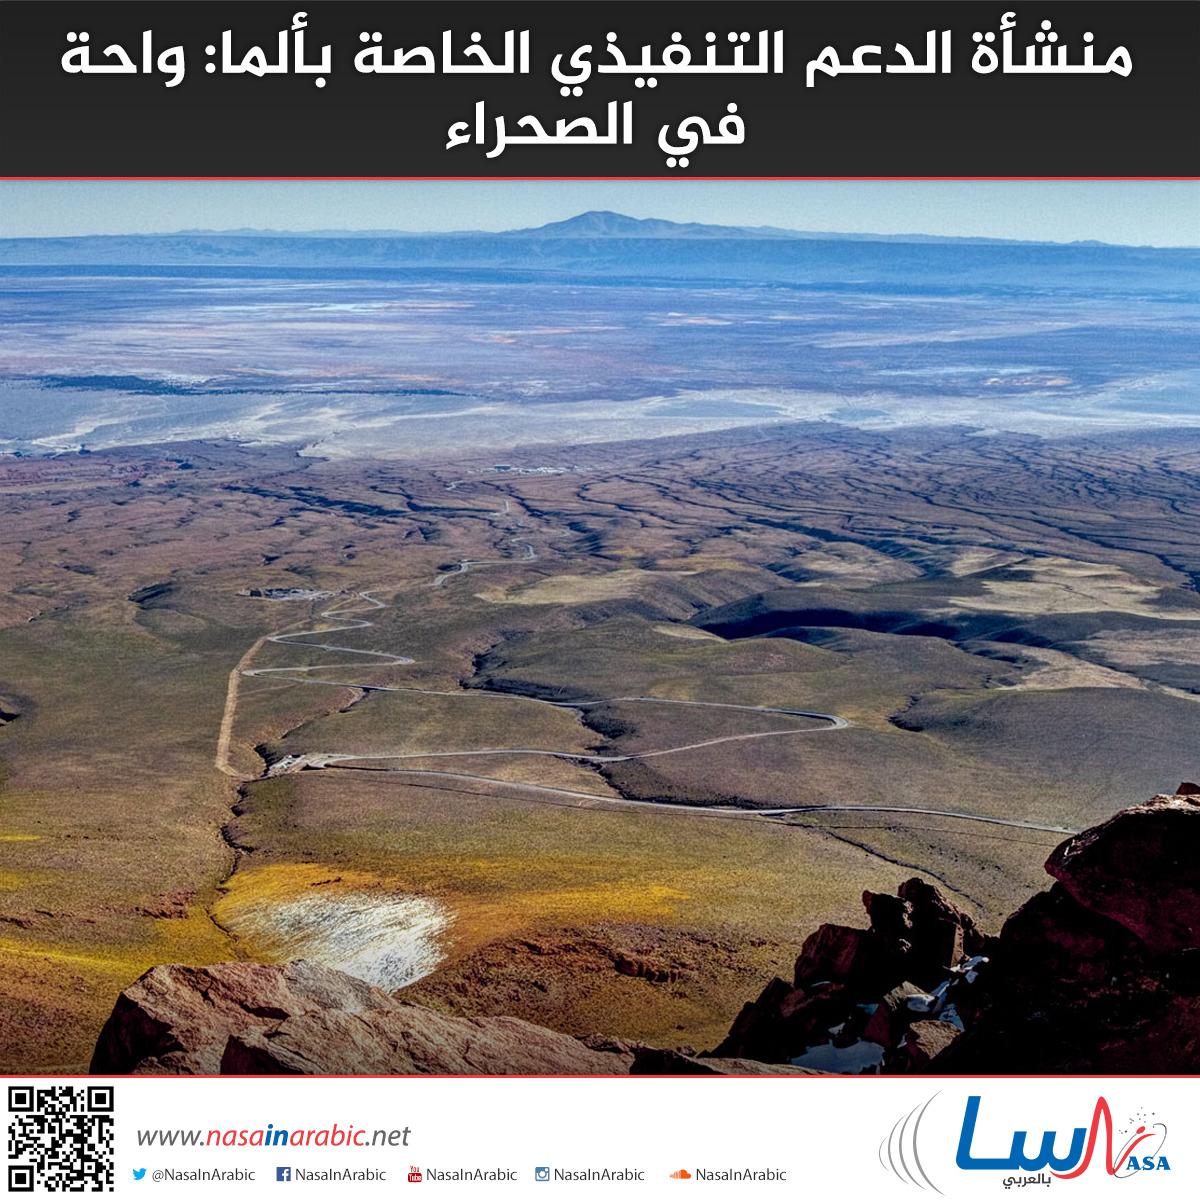 منشأة الدعم التنفيذي الخاصة بألما: واحة في الصحراء